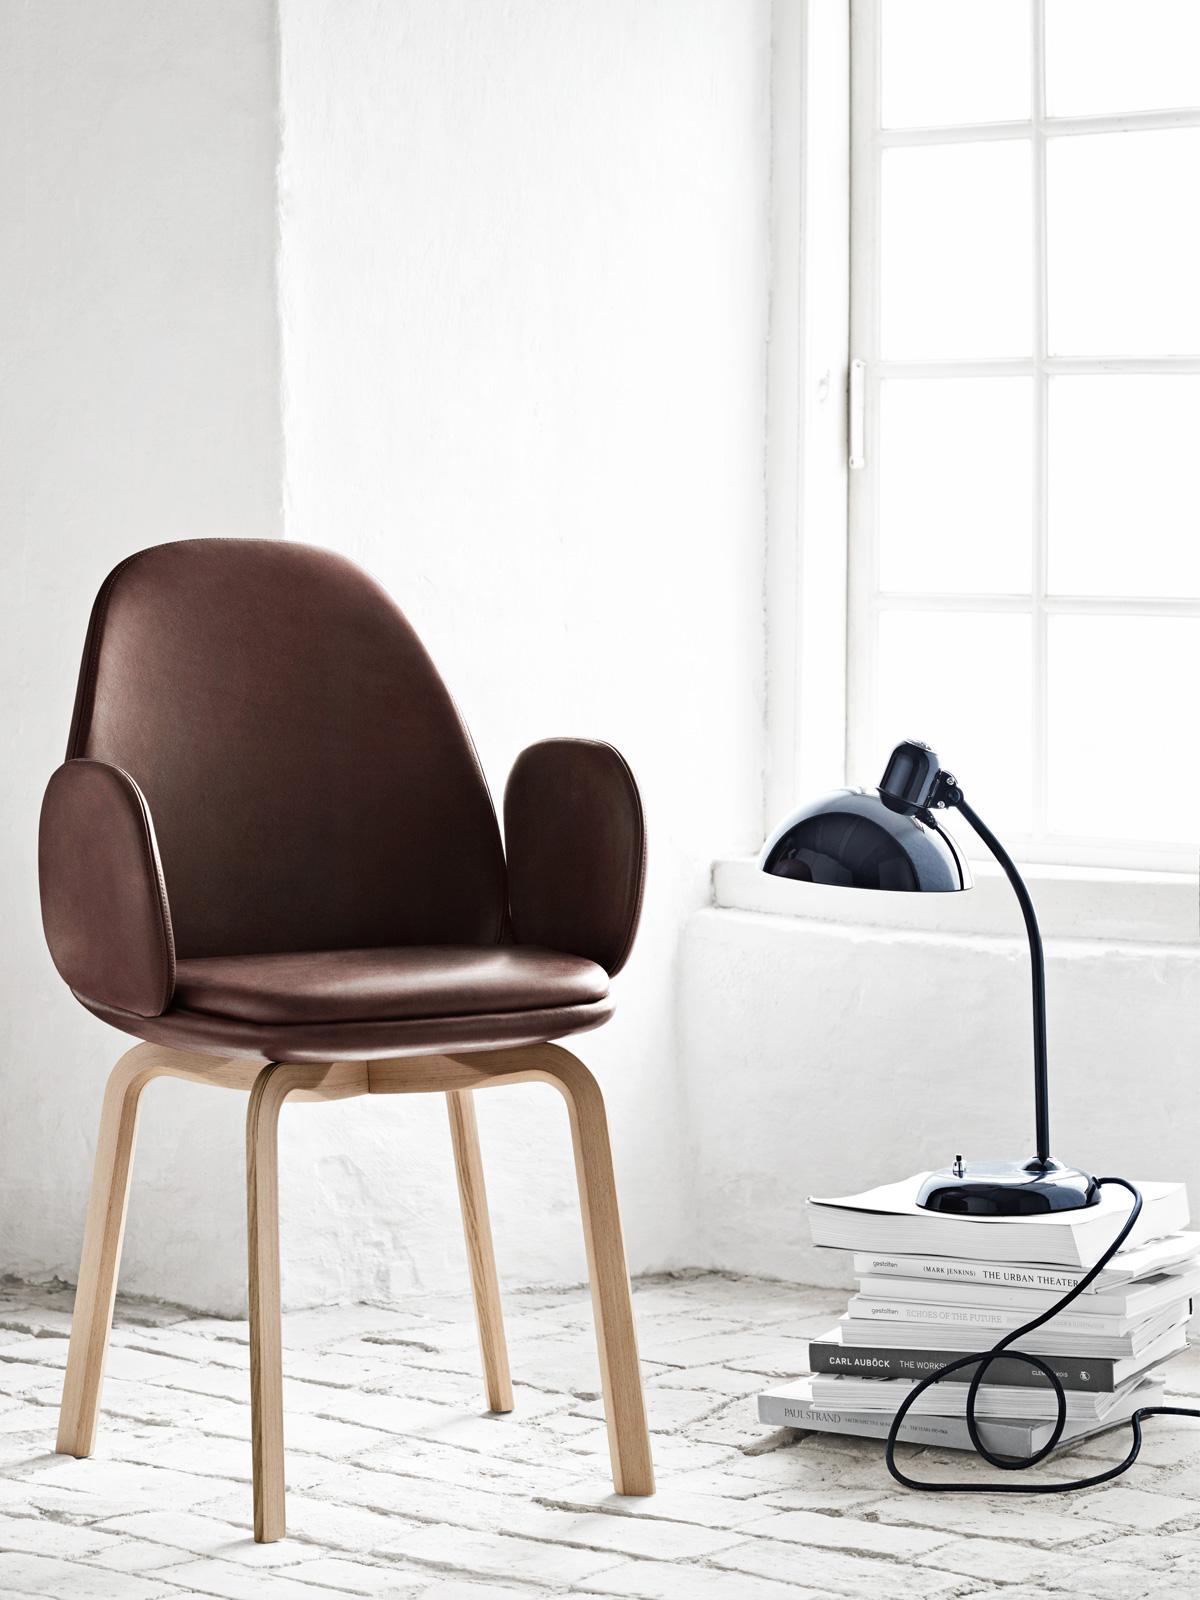 DeisgnOrt Lampenblog: Tischleuchte im Bauhaus Stil von Fritz Hansen